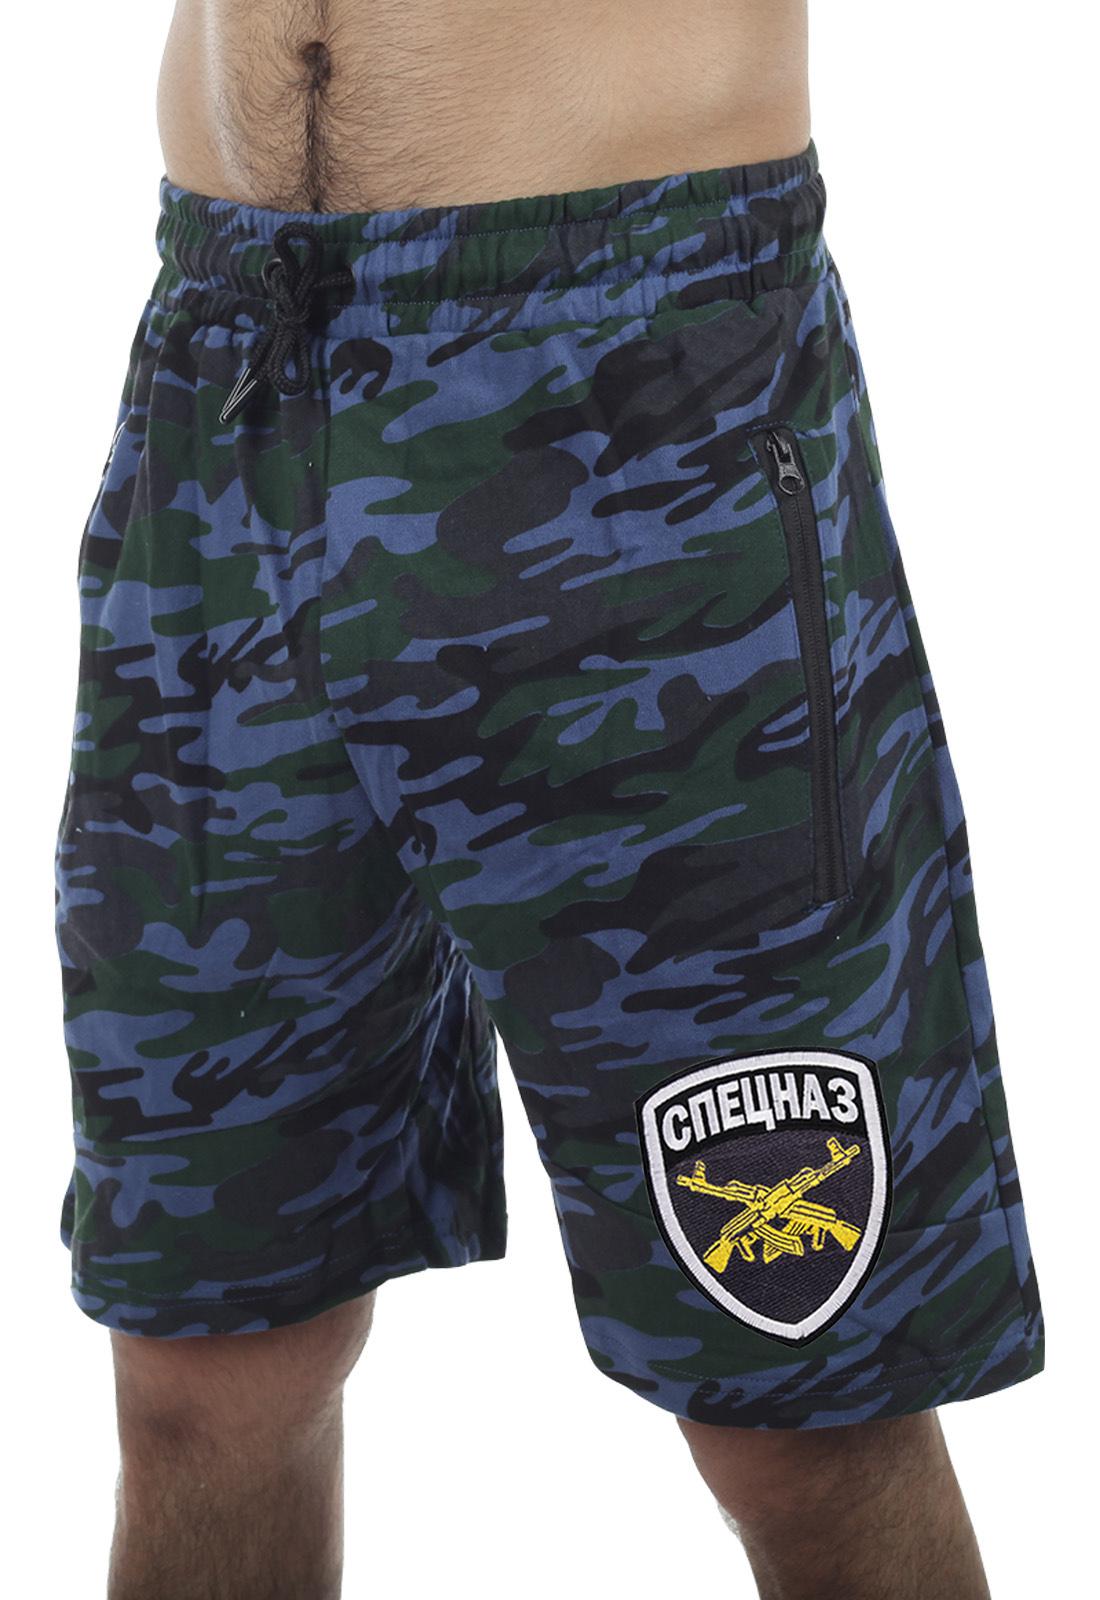 Военные мужские шорты со спецназовской символикой